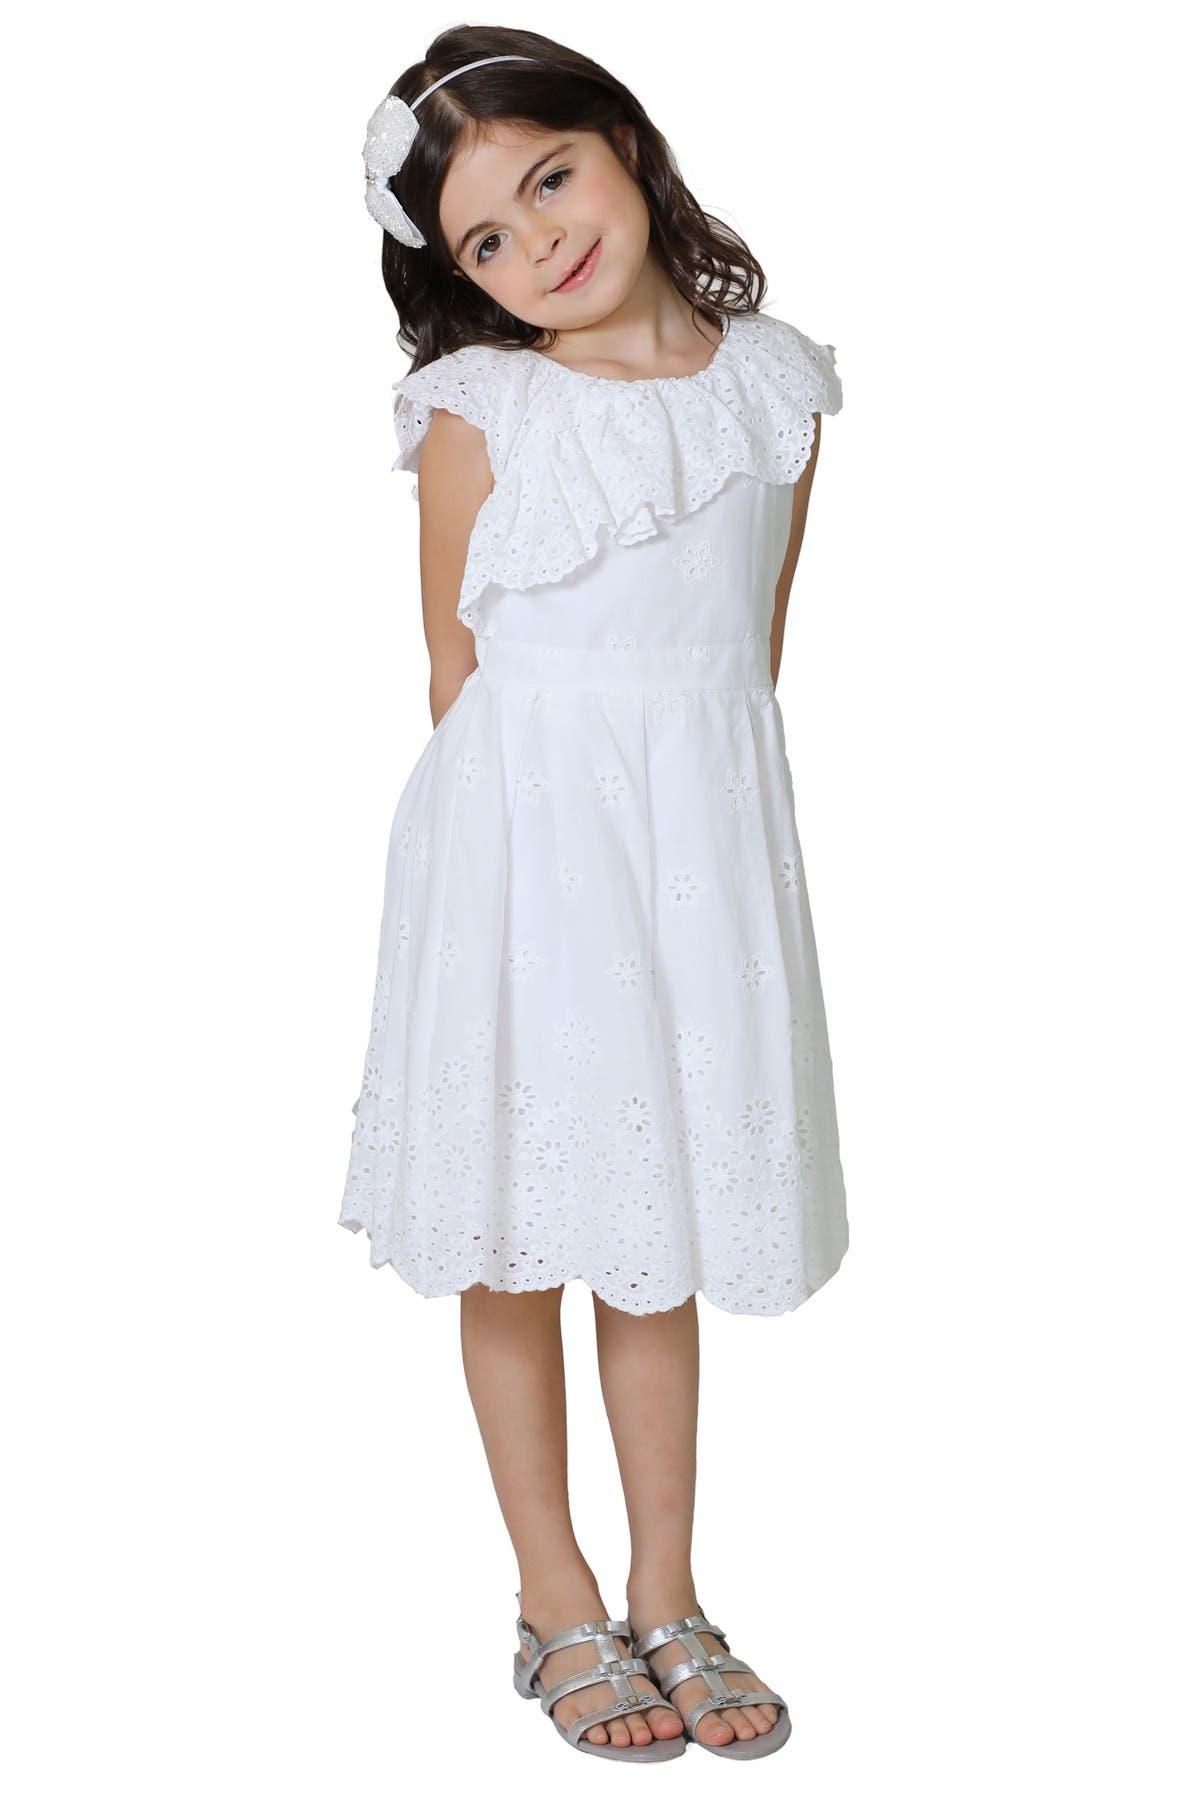 Image of Little Angels Ruffled Eyelet Dress